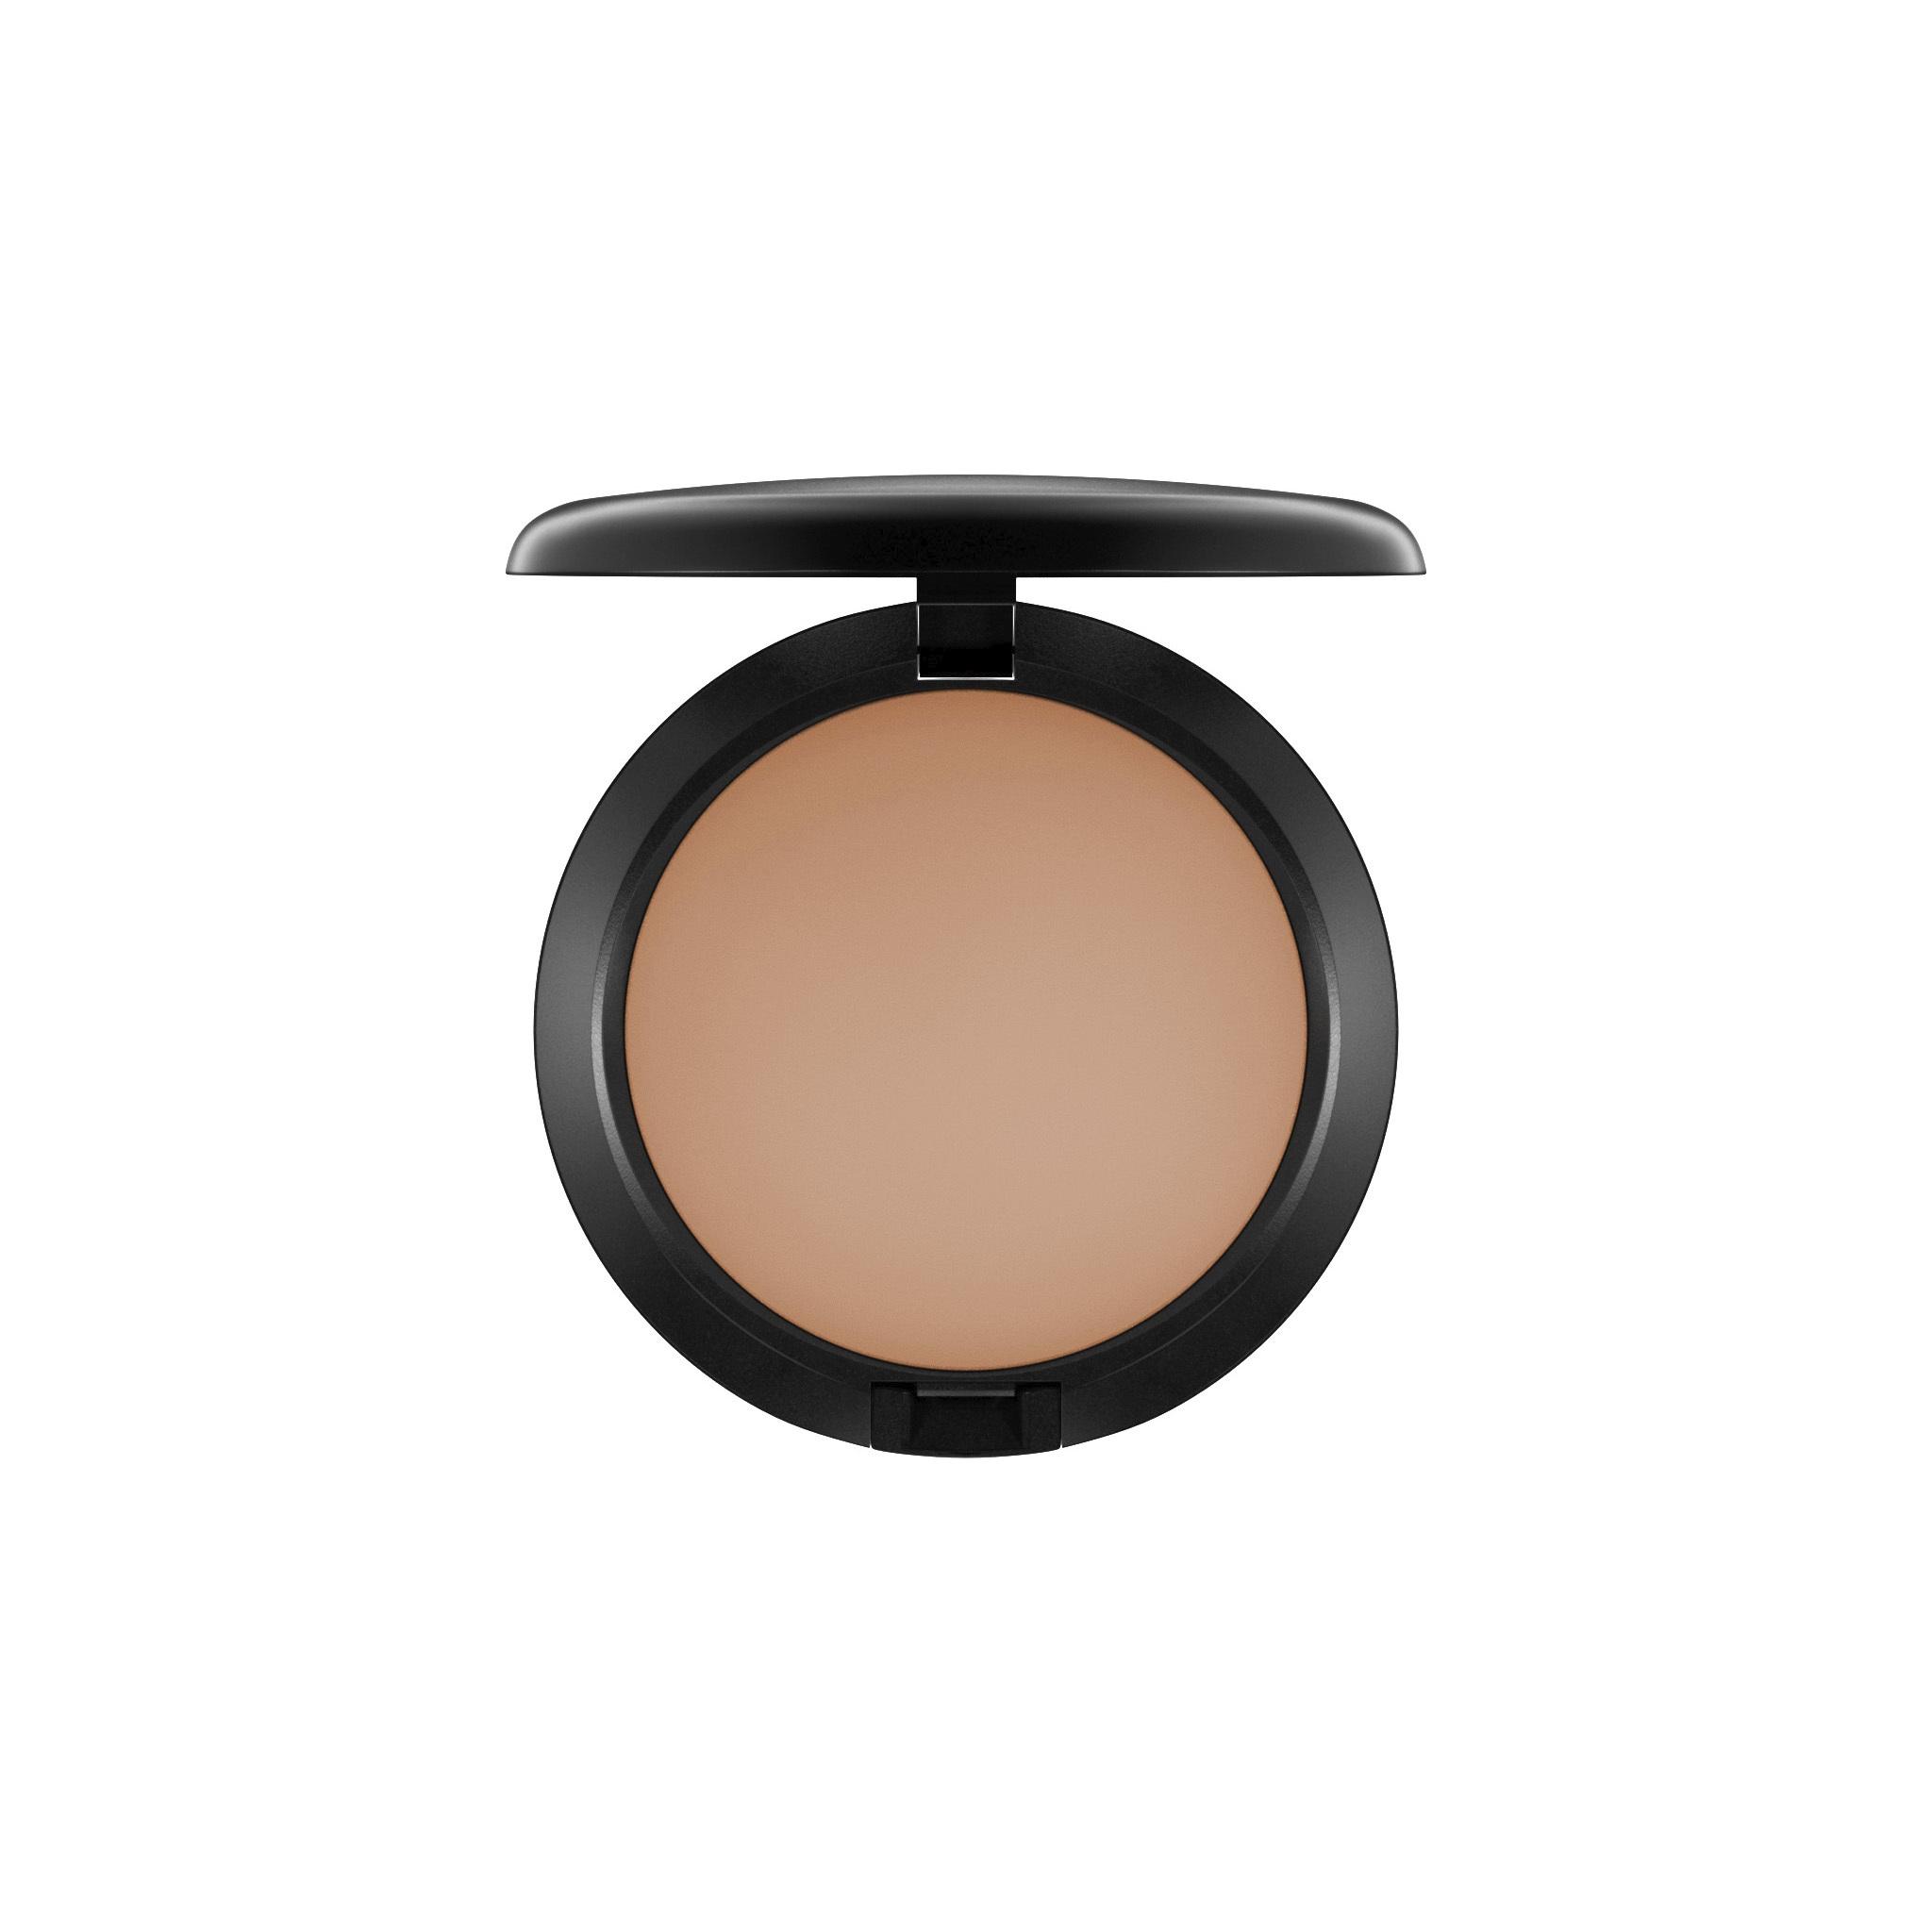 MAC Bronzing Powder, matte bronze